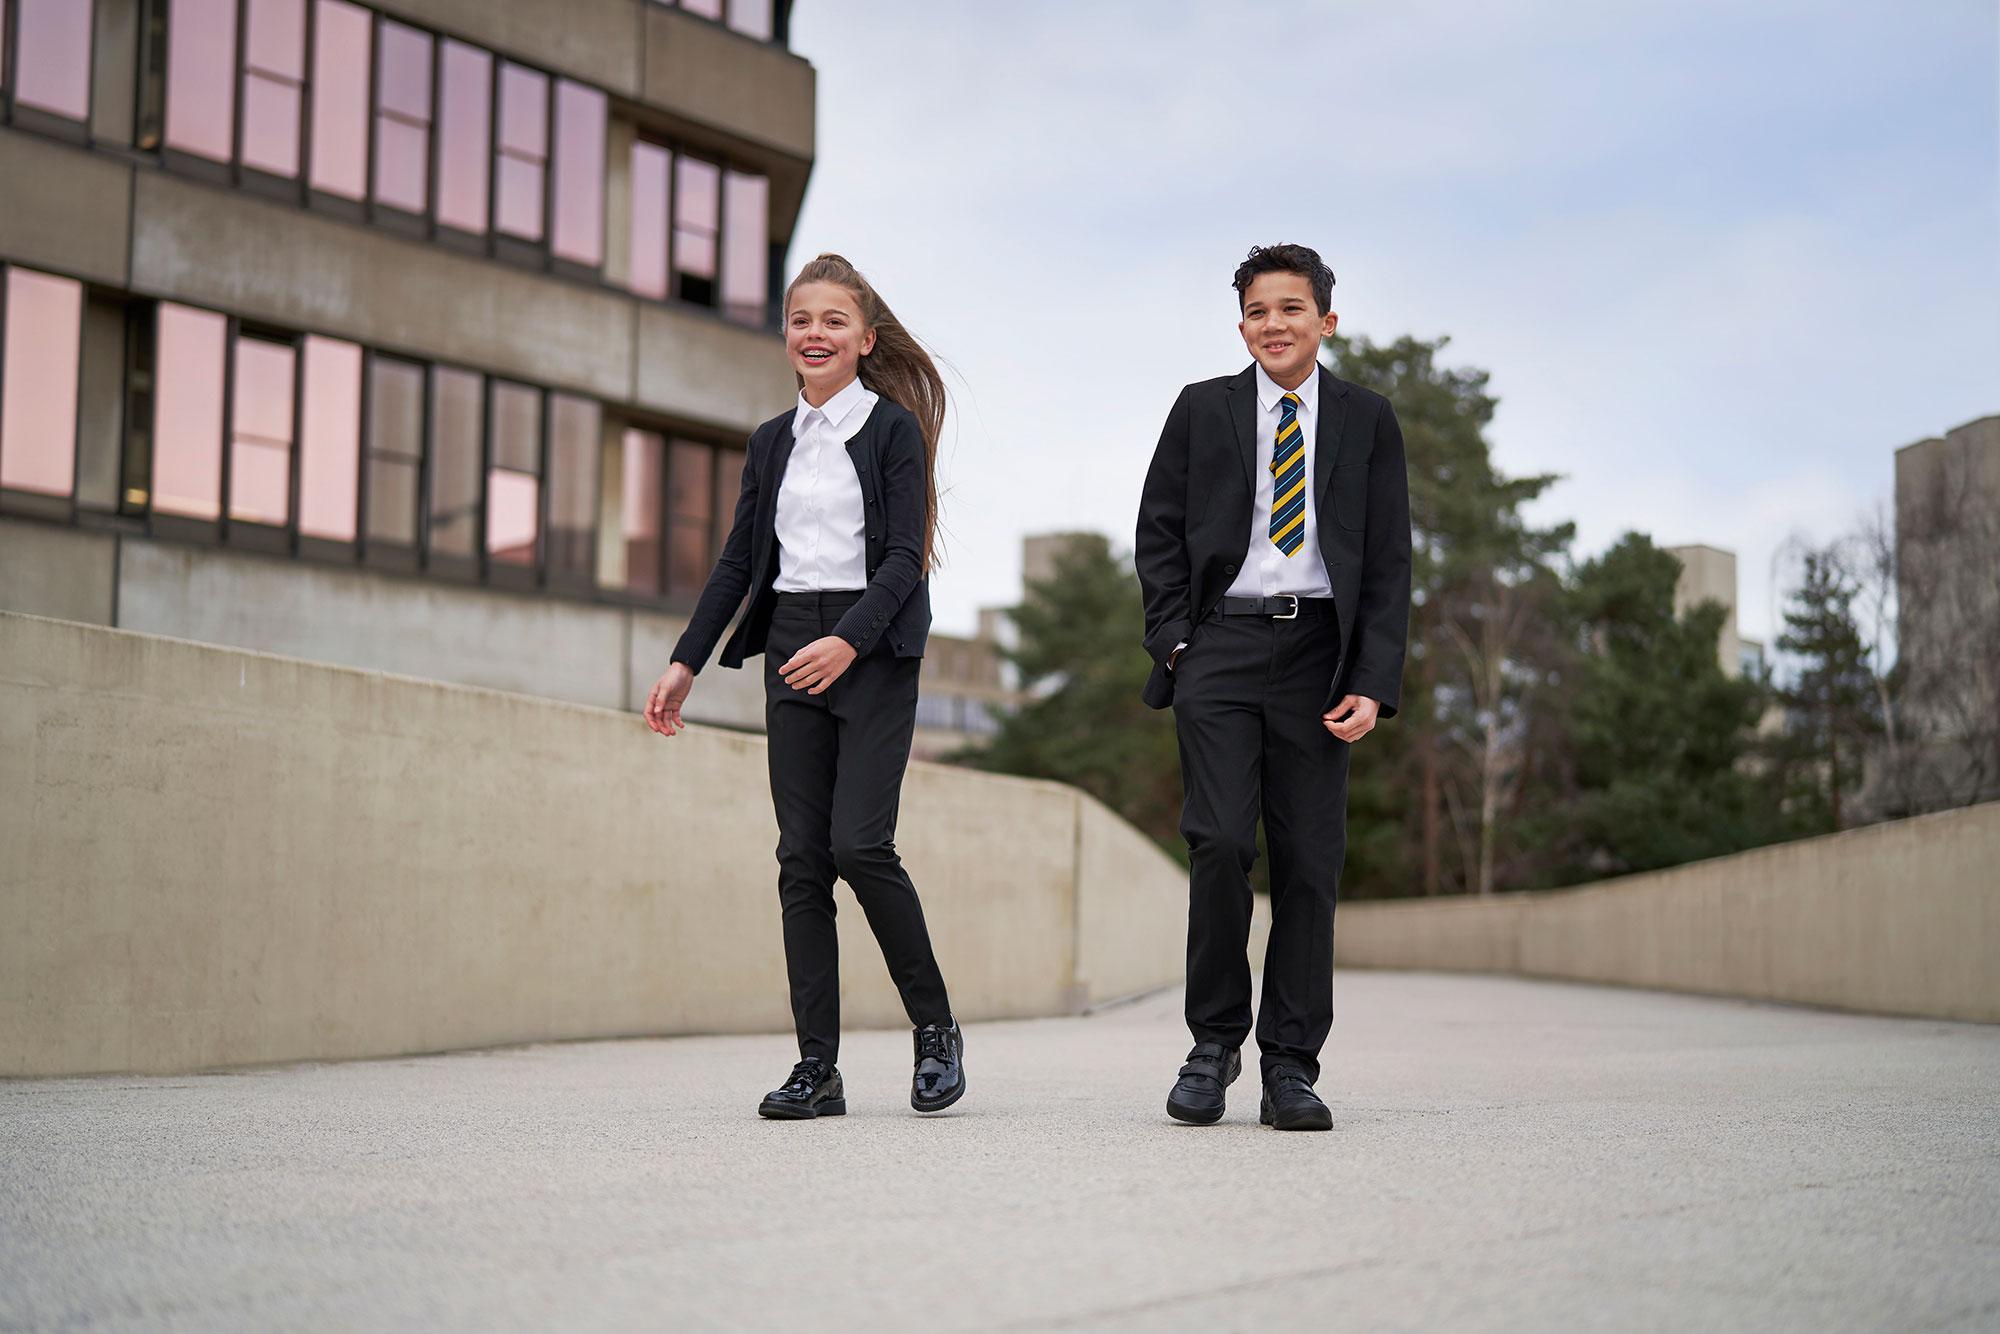 Girl and Boy in School Uniform